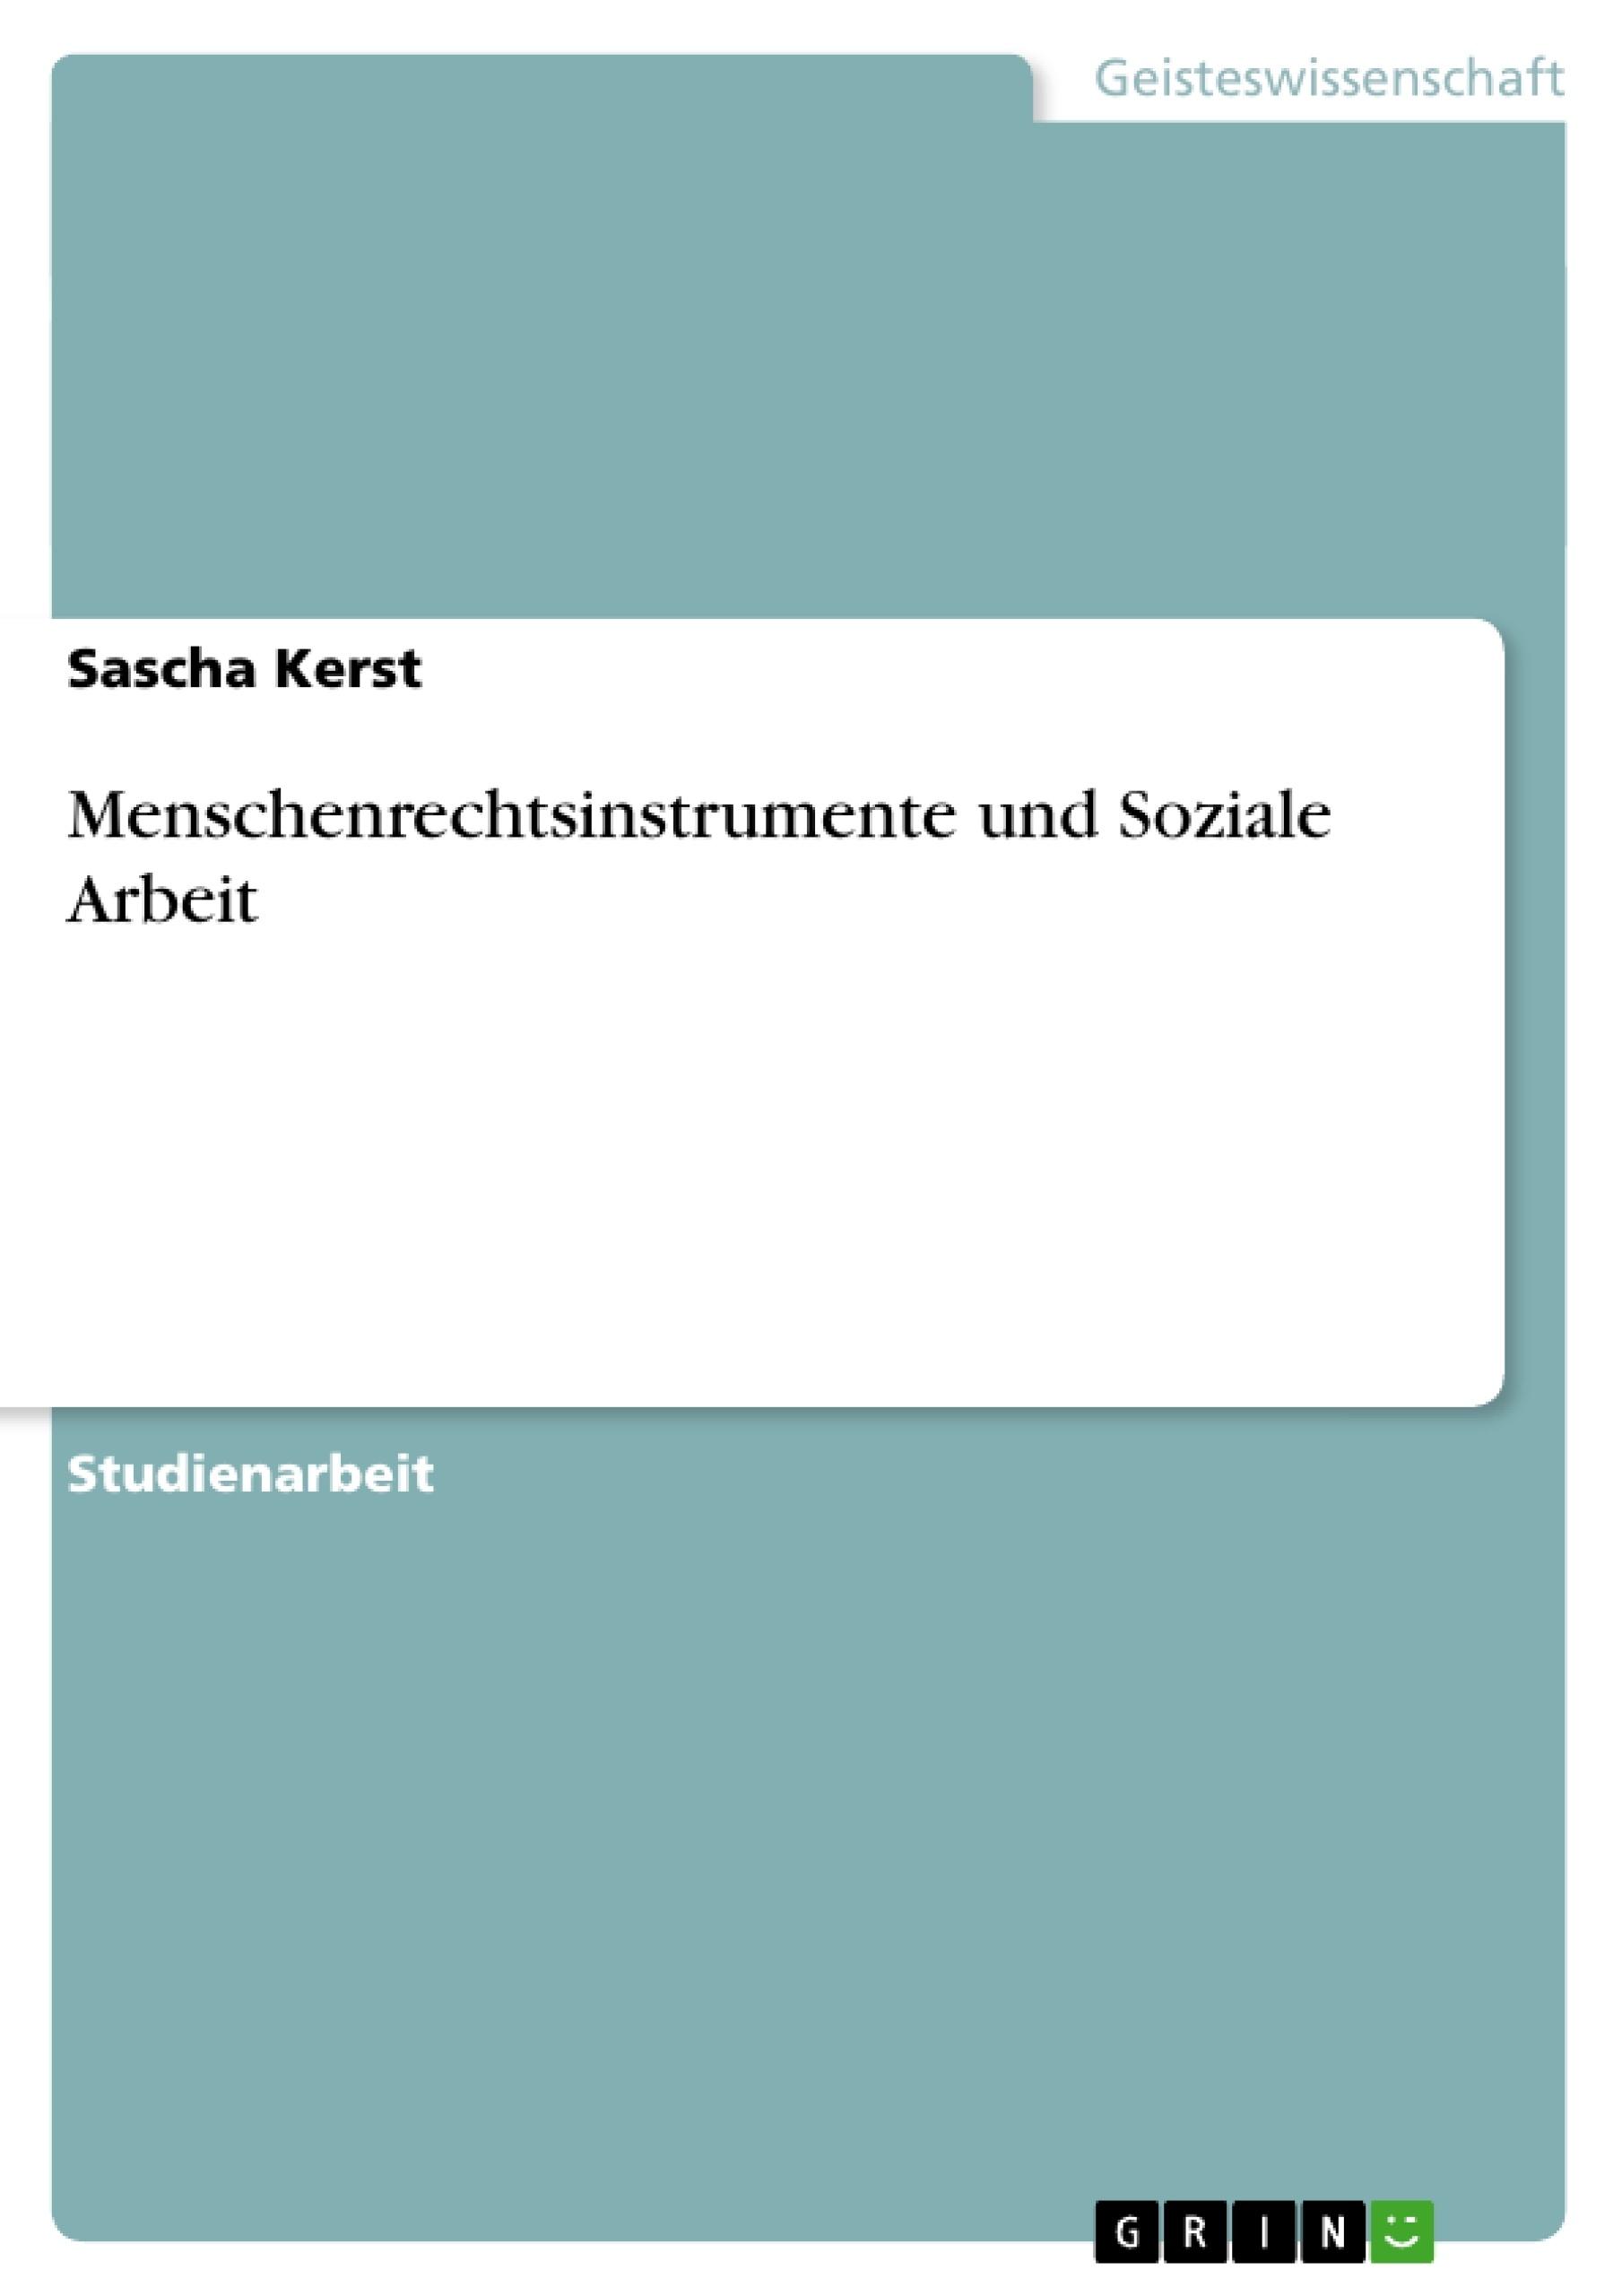 Titel: Menschenrechtsinstrumente und Soziale Arbeit